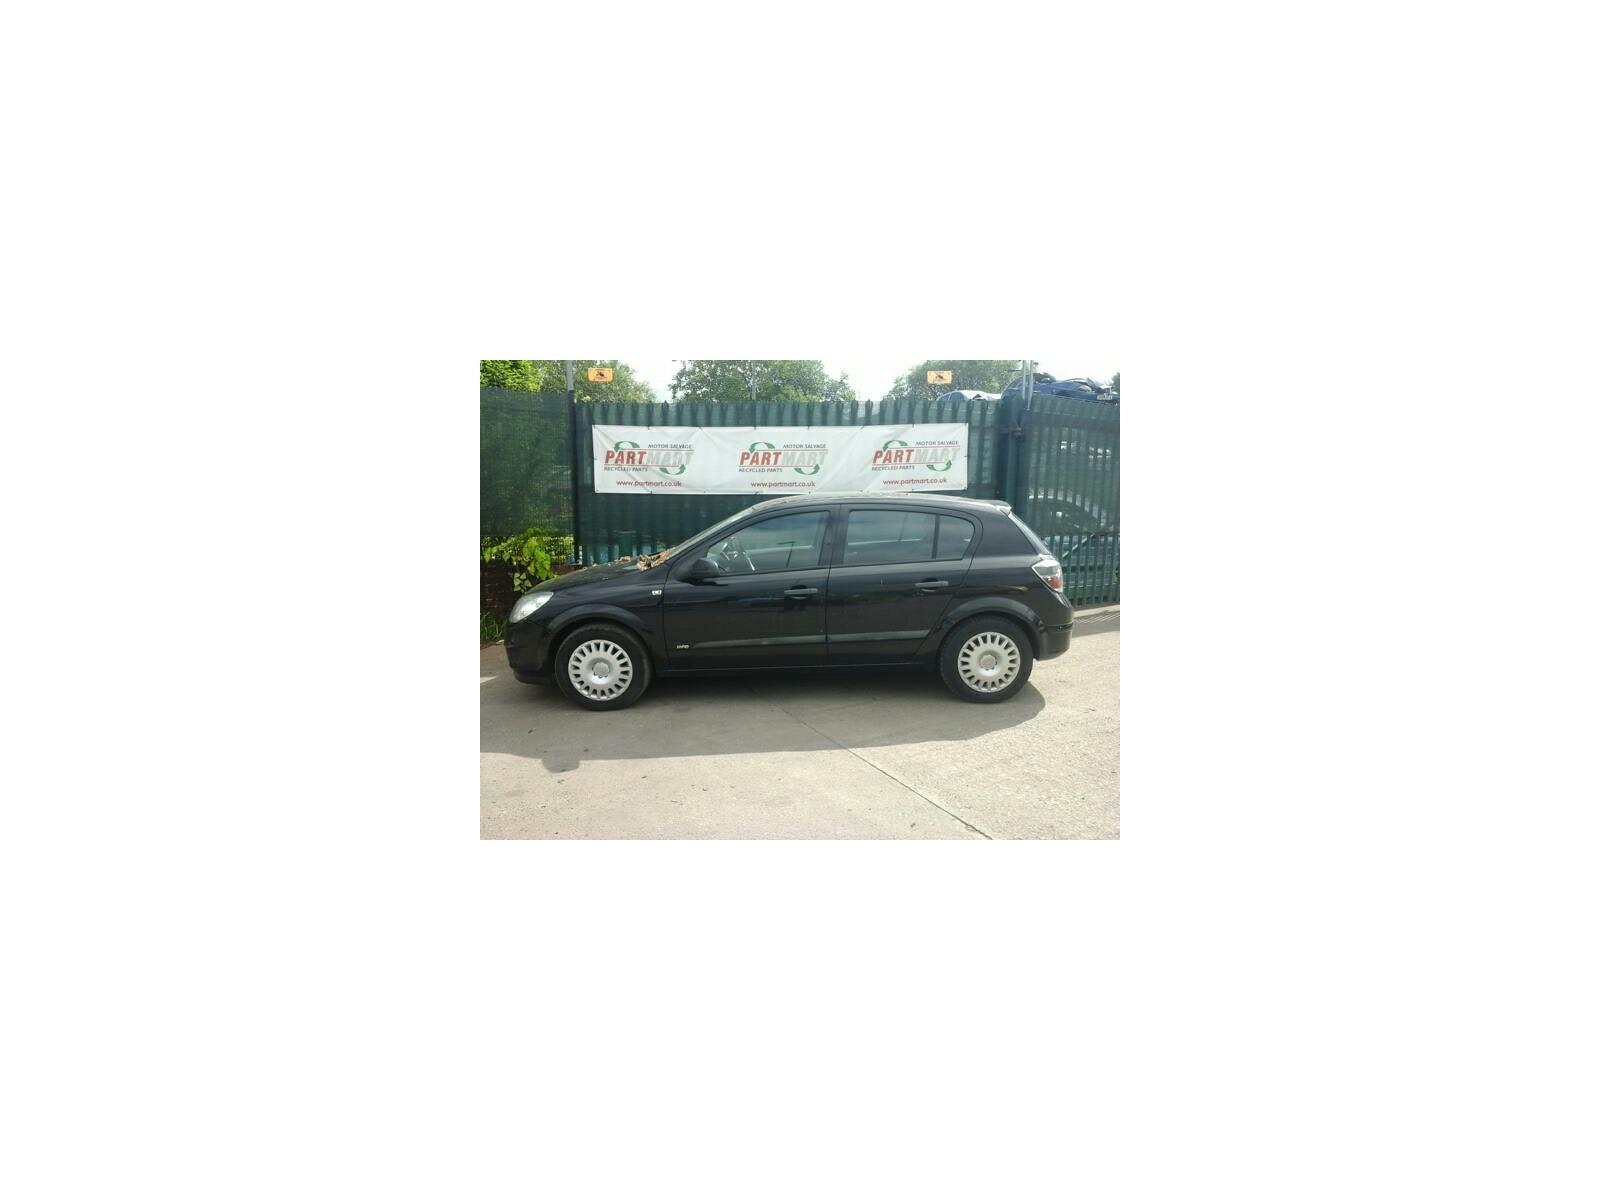 2008 Vauxhall Astra 2005 To 2011 5 Door Hatchback Diesel Manual Mazda Cx 7 Parts Diagram